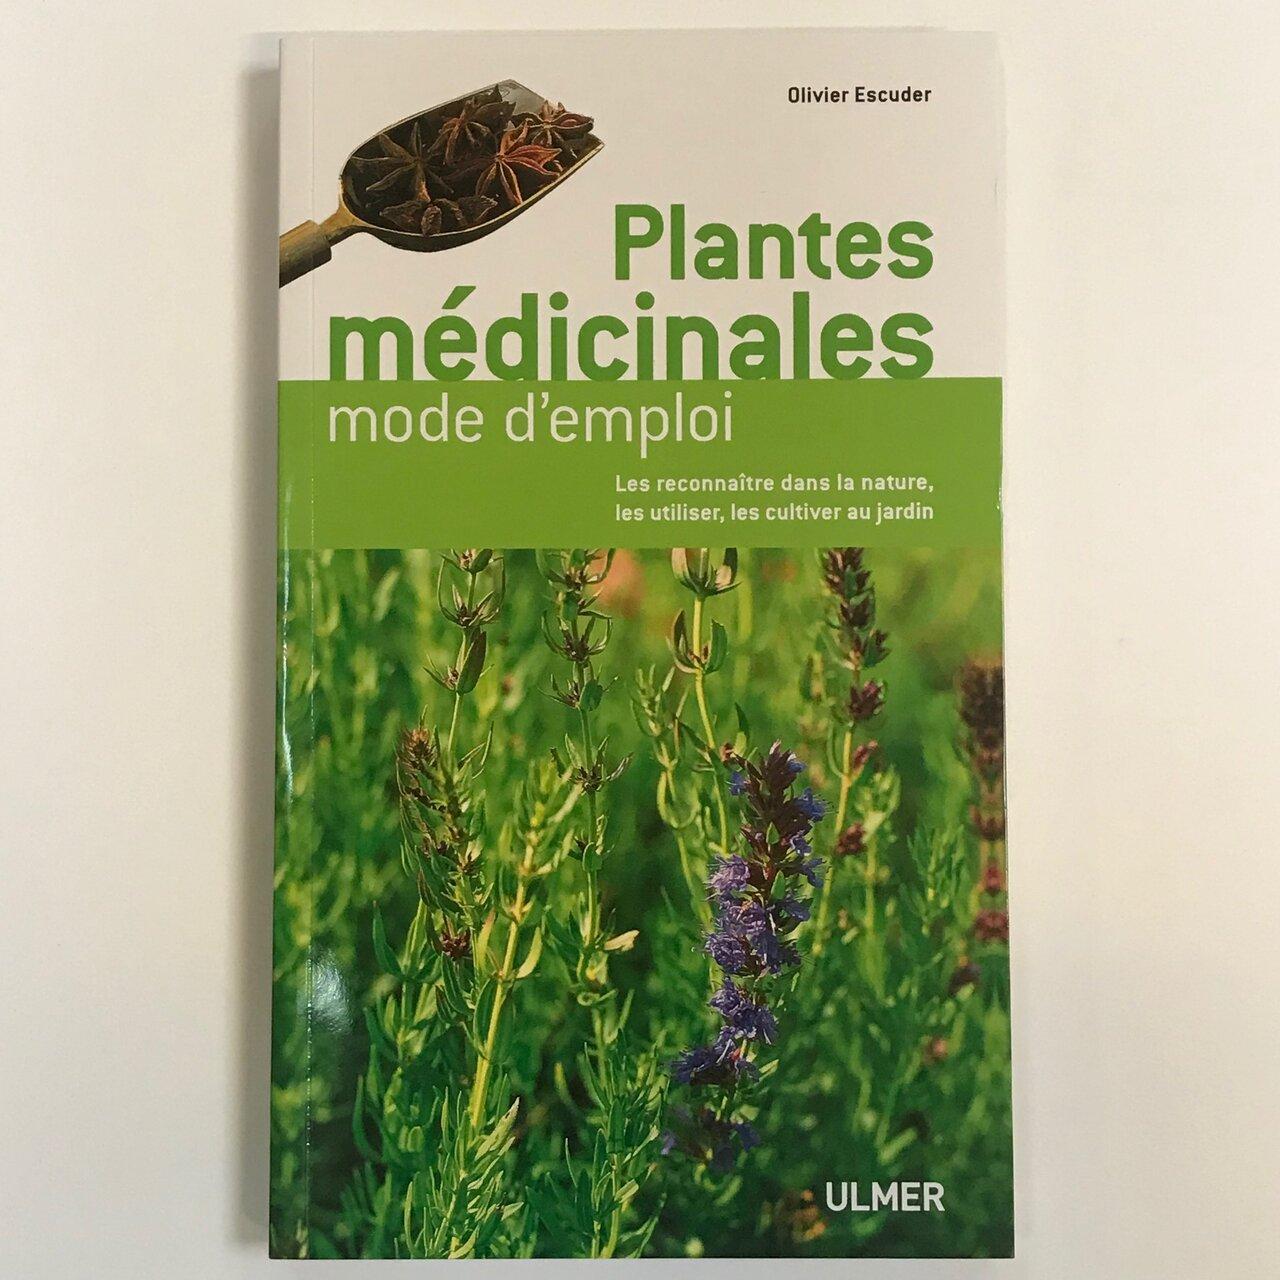 Plantes Médicinales - Plantes médicinales mode d'emploi